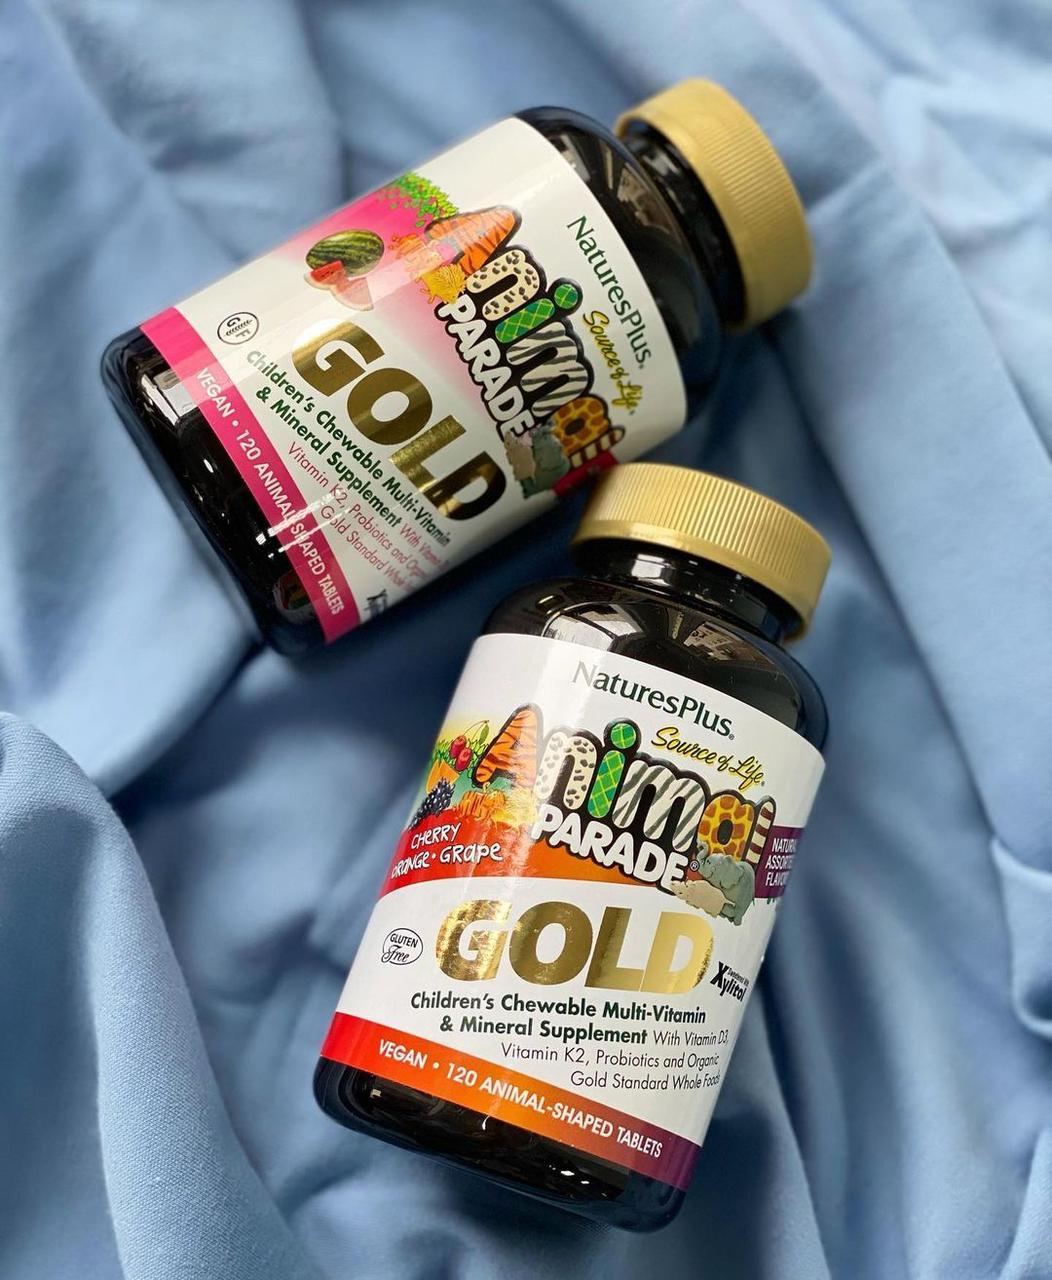 Мультивитамины ANIMAL PARAD GOLD со вкусом Вишни Апельсина Винограда 120 Таб NaturesPlus